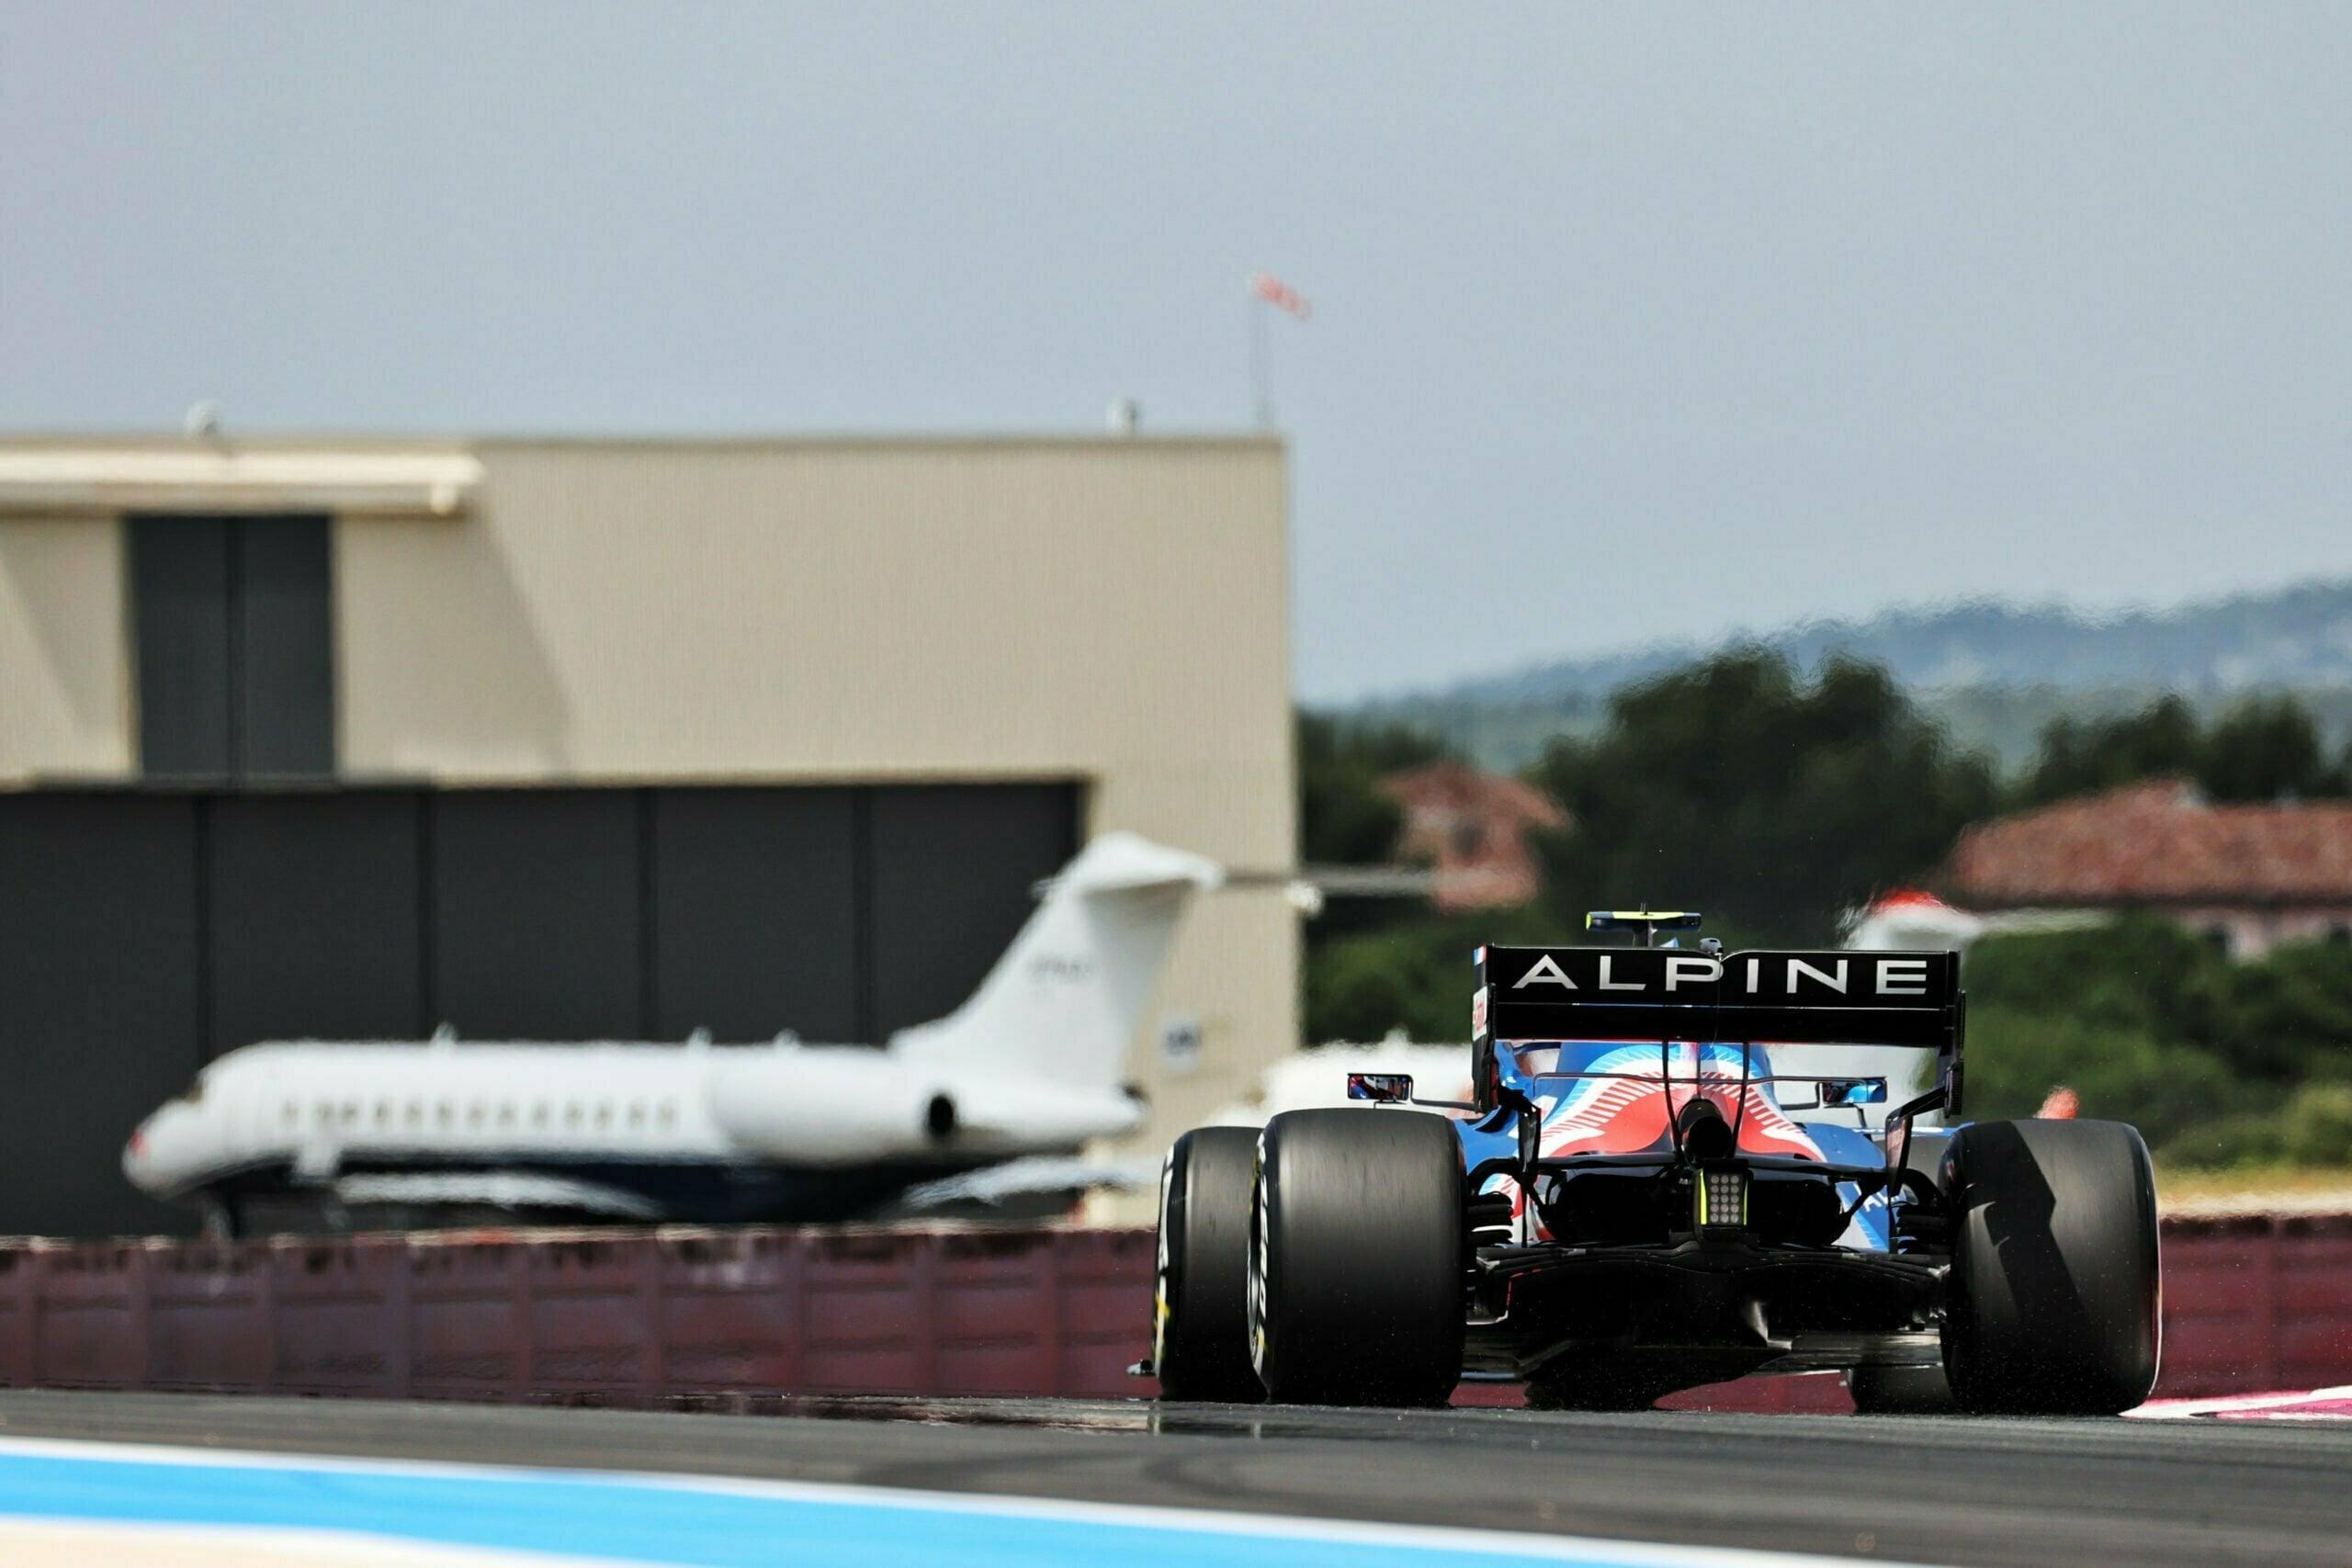 Alpine F1 Alonso Ocon A521 Castellet Paul Ricard 2021